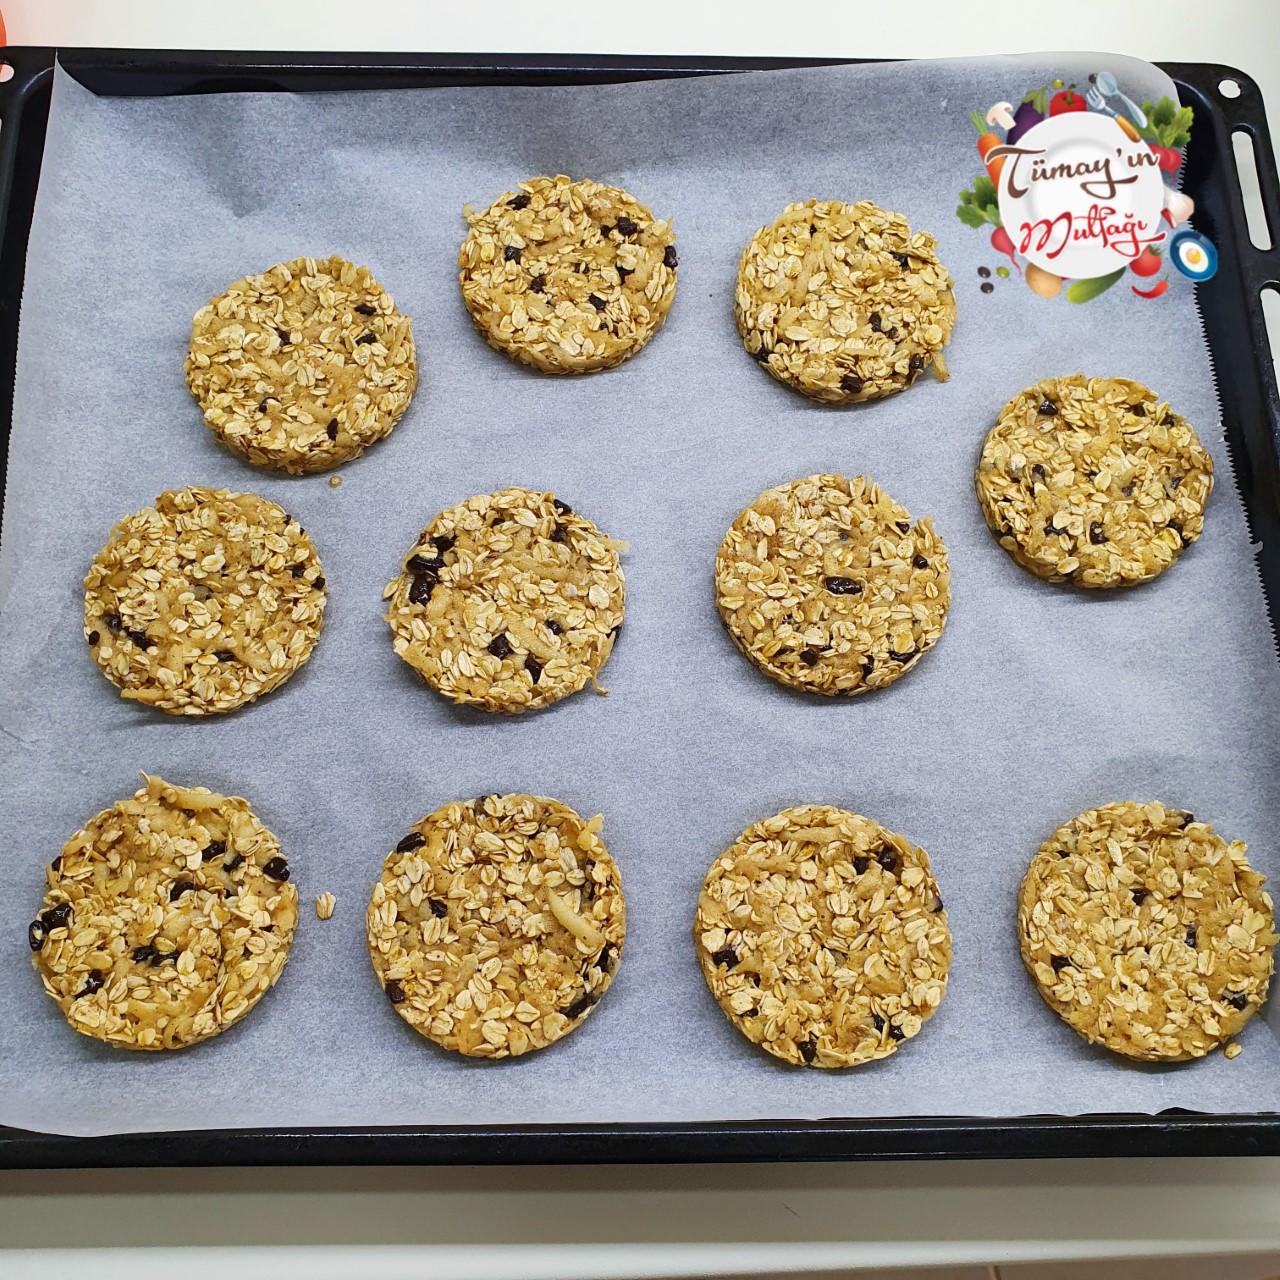 yulaflı fit kurabiye fırın öncesi